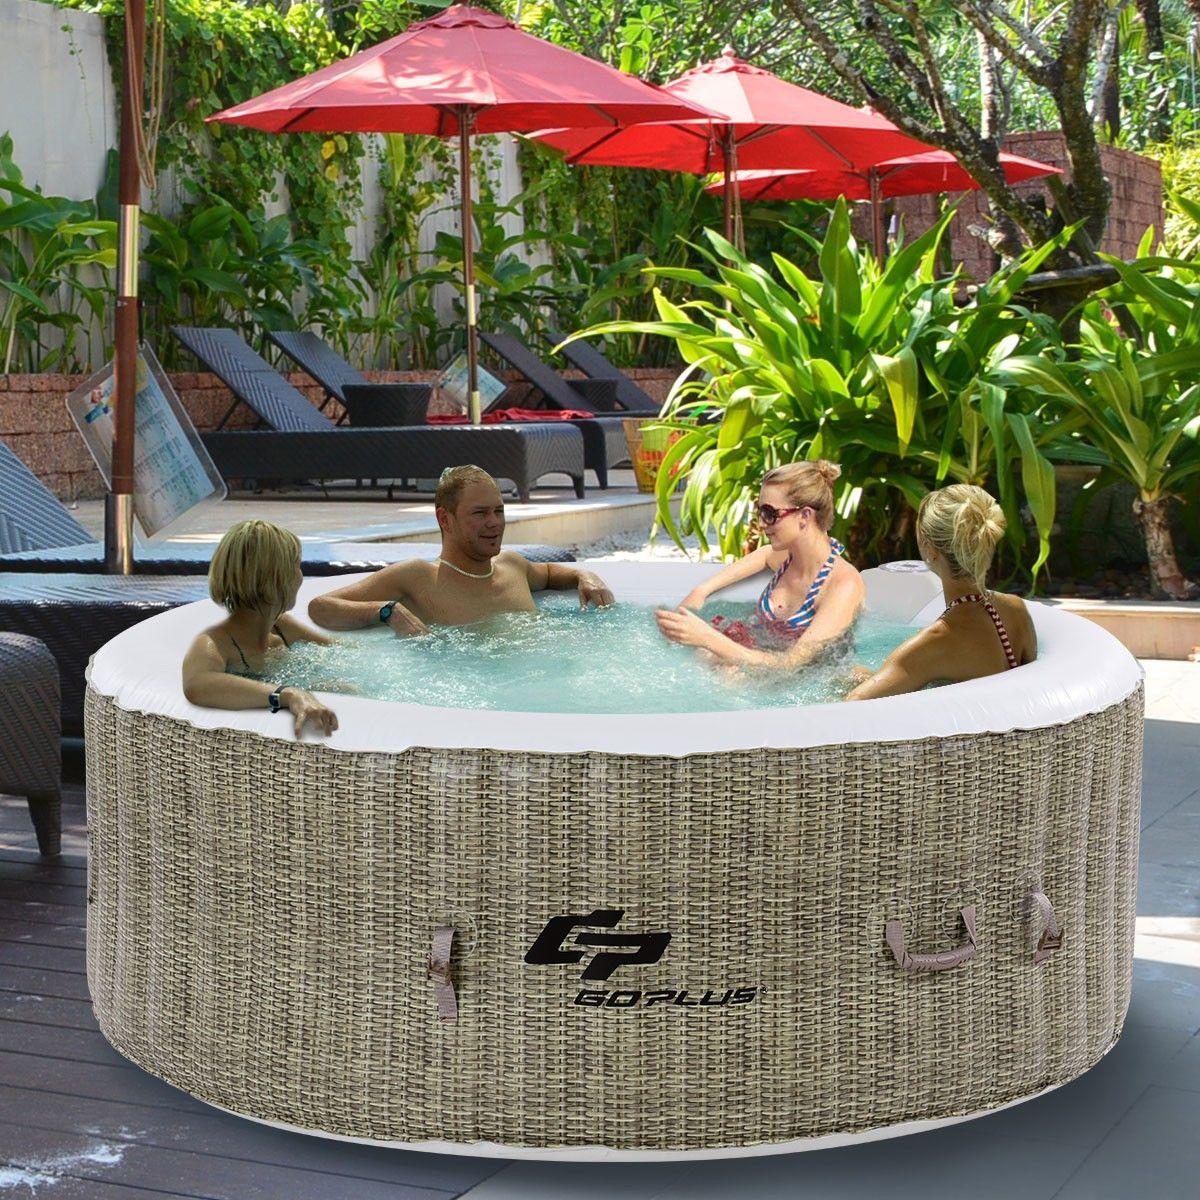 4 Personen Aufblasbarer Massage Spa Whirlpool Outdoor Pool Mit